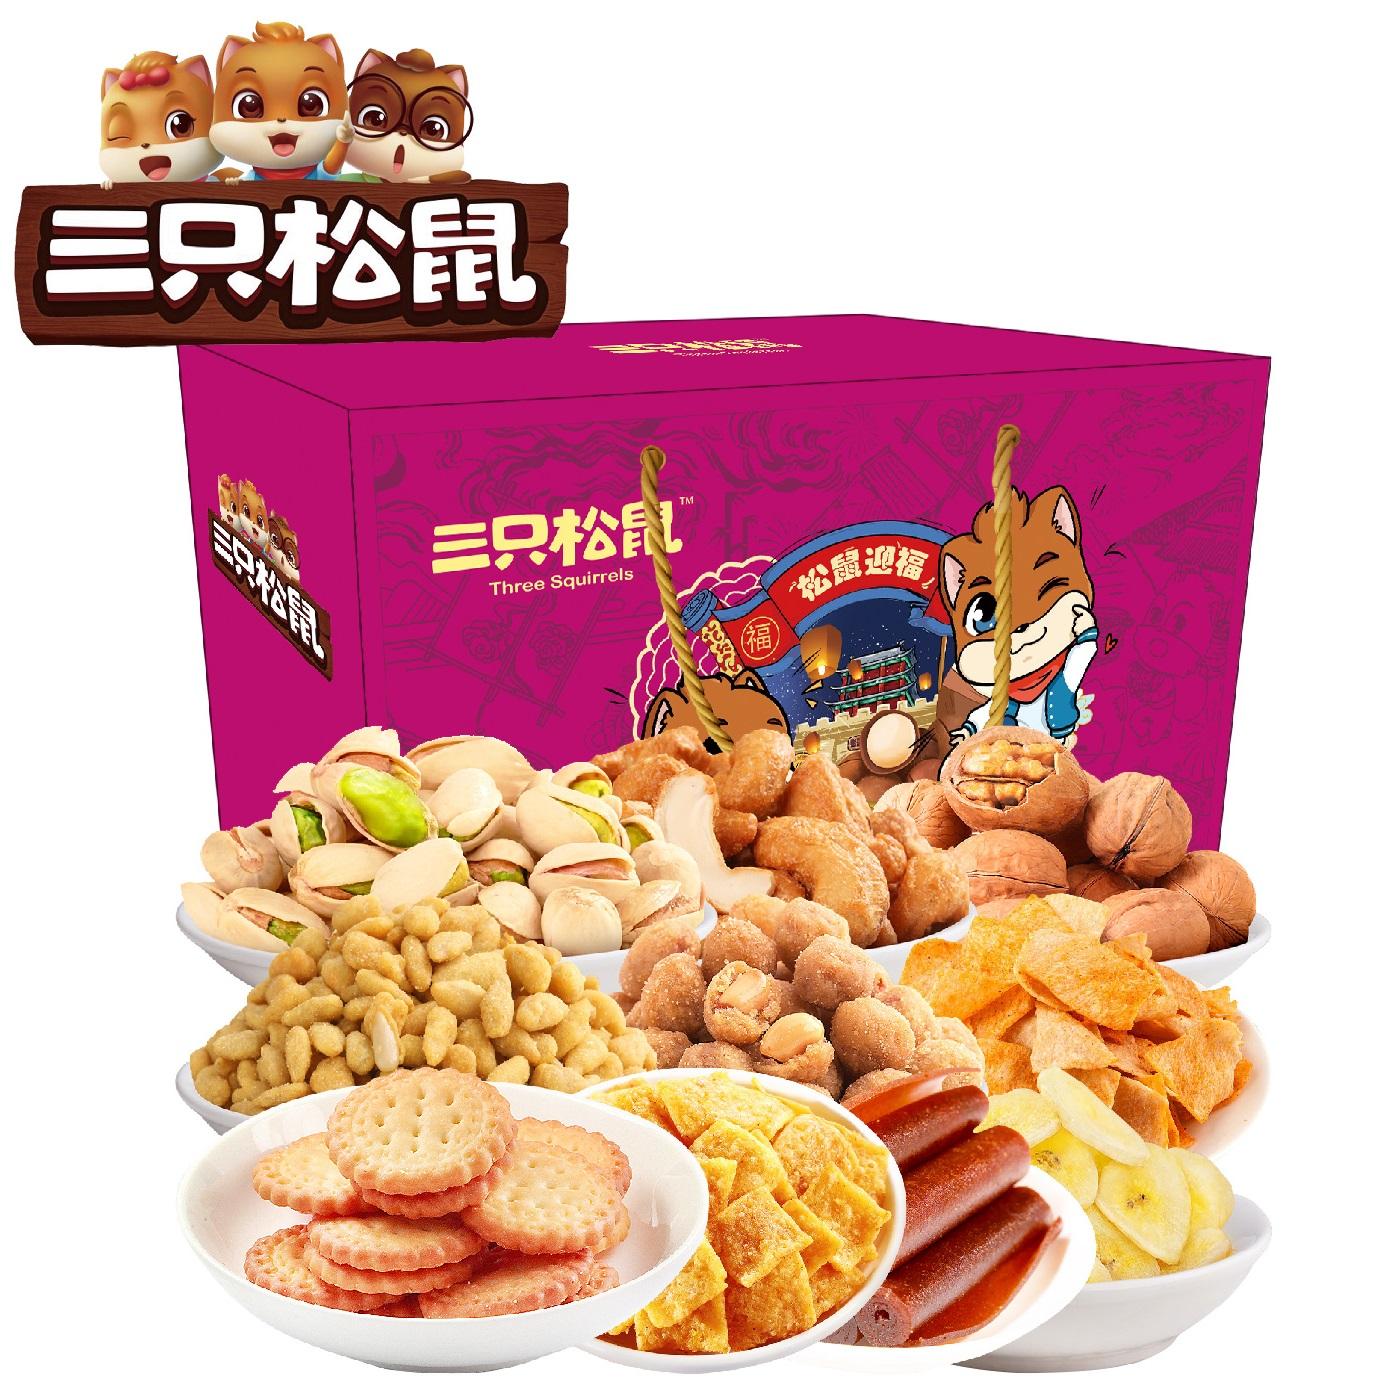 三只松鼠 松鼠迎福 坚果礼盒 净含量1513克